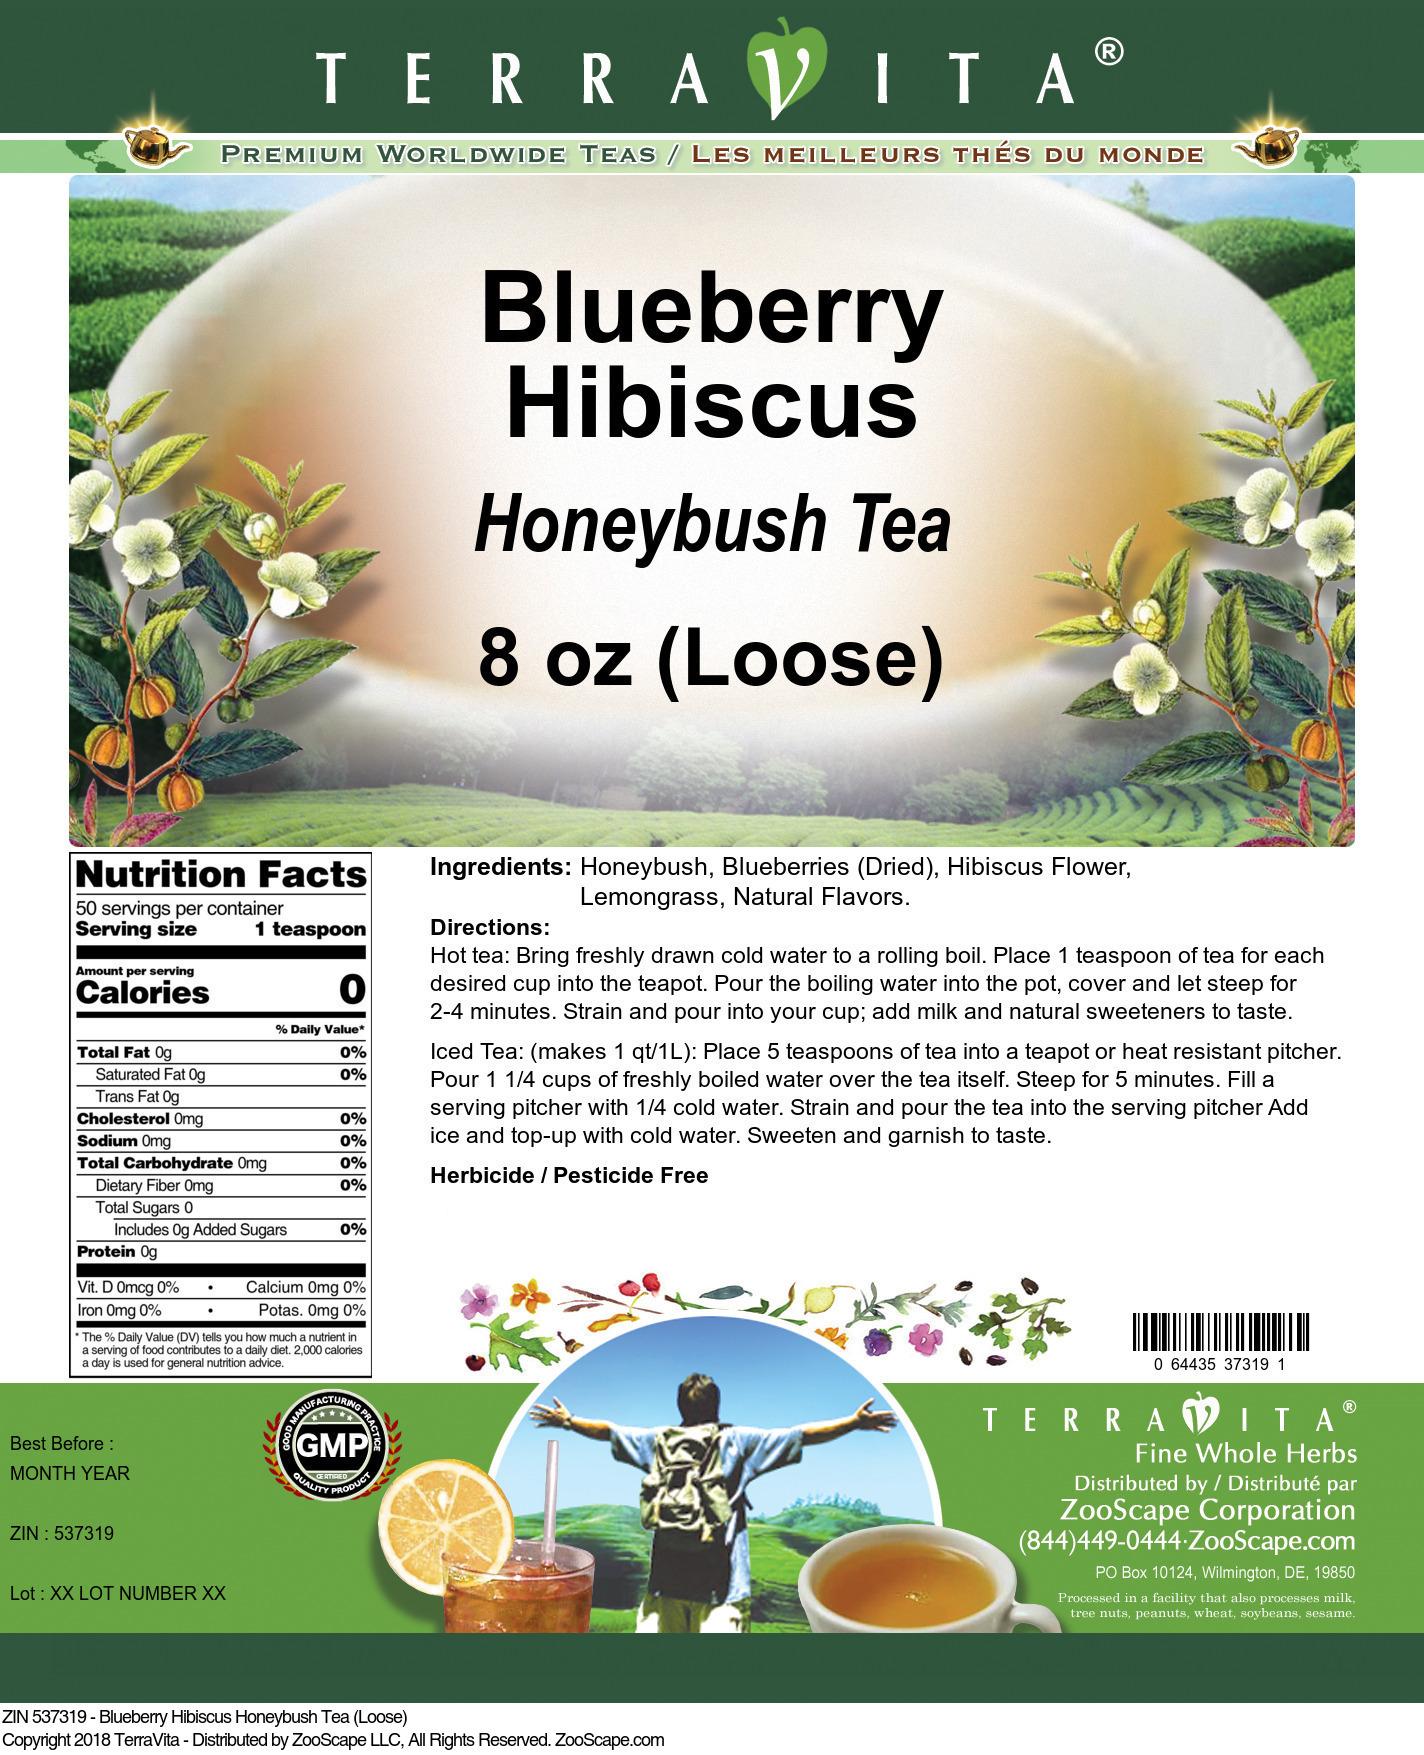 Blueberry Hibiscus Honeybush Tea (Loose)